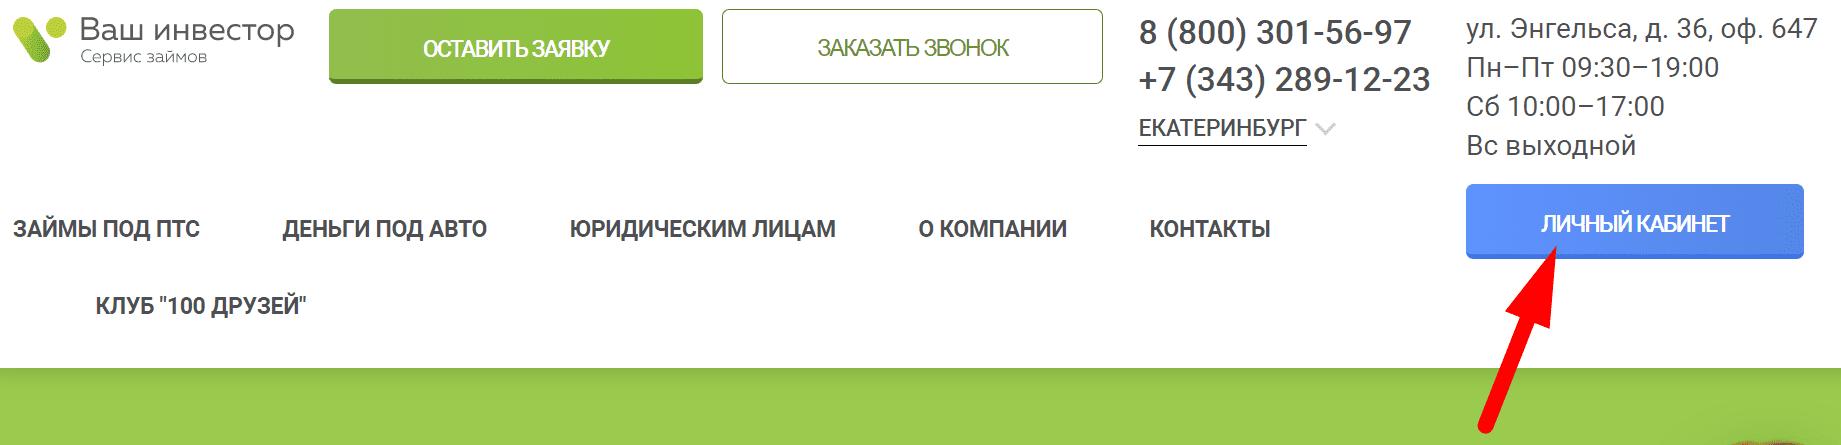 Официальный сайт филиала финансового помощника «Ваш инвестор» в Екатеринбурге